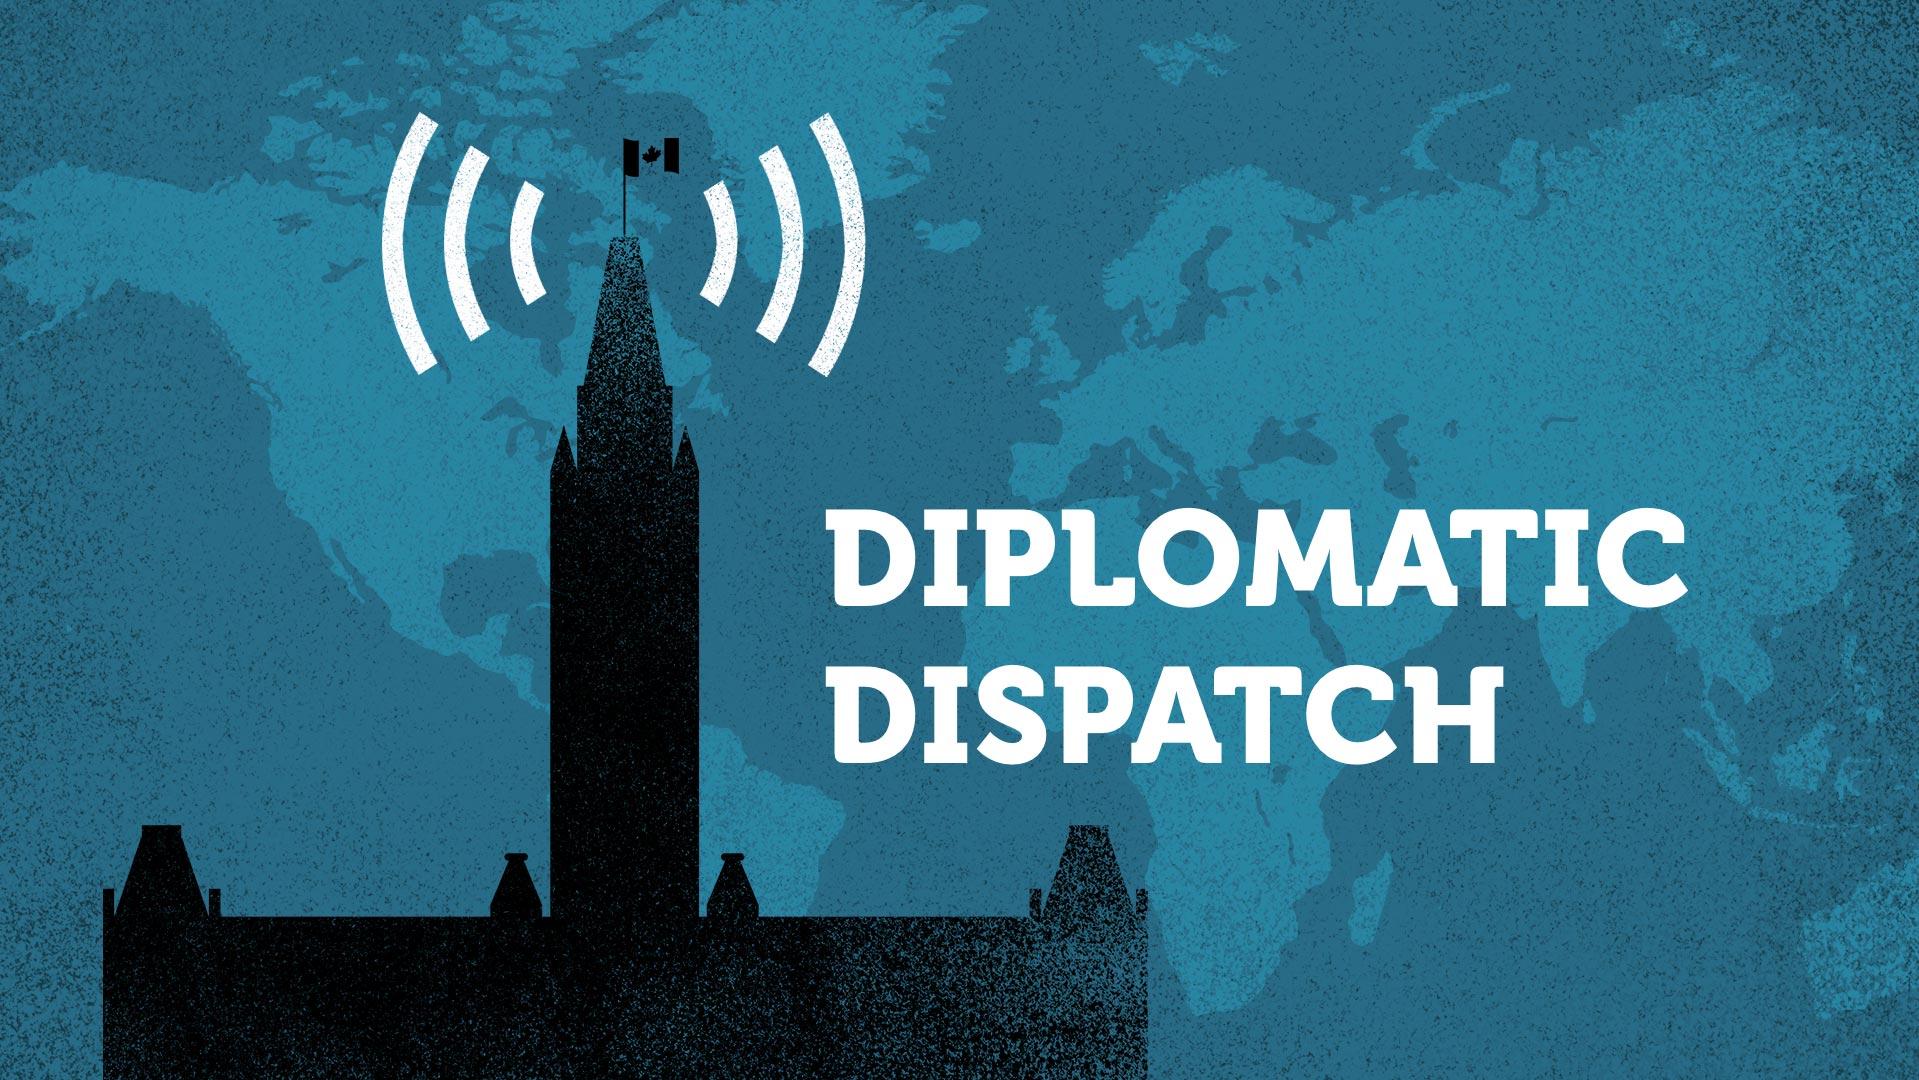 le texte «Diplomatic Dispatch» en blanc accompagné du parlement canadien en silhouette avec comme fond la carte de canada en deux tons de bleu